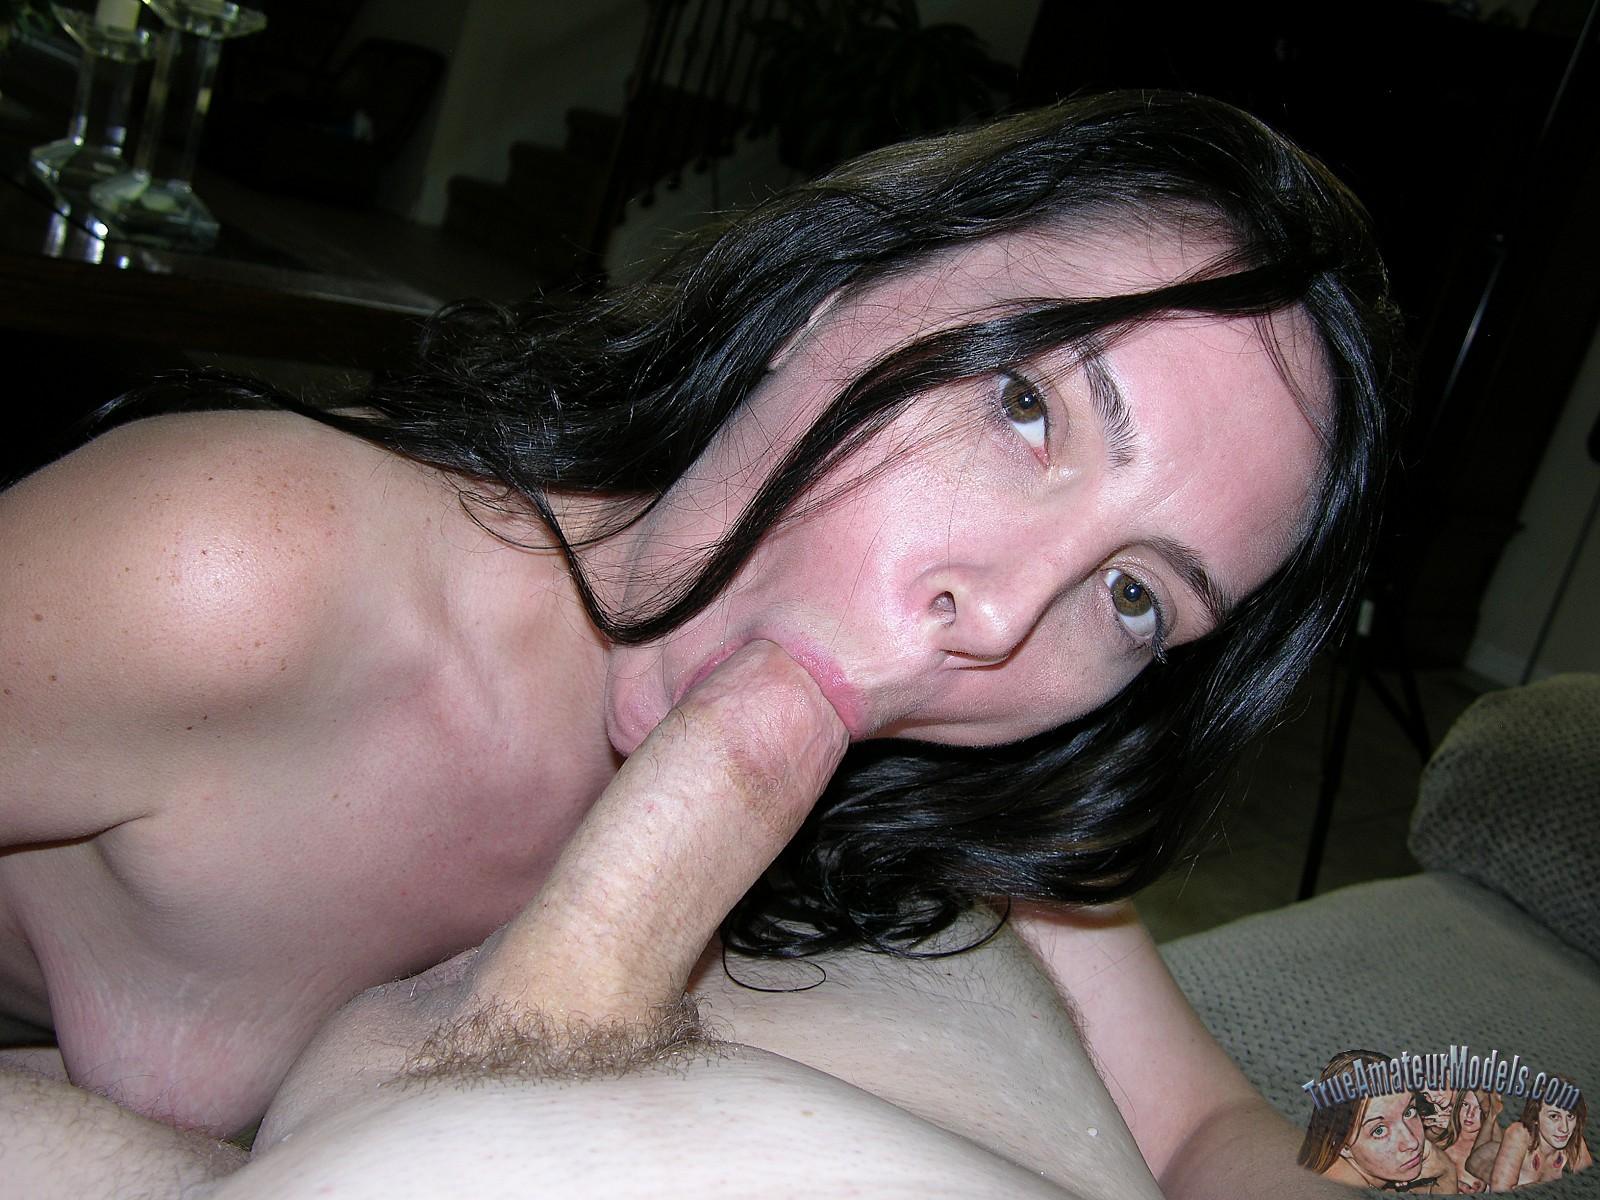 Хорошенькая сосалка принимает на рот, затем подставляет сраку, чтобы любовник туда кончил